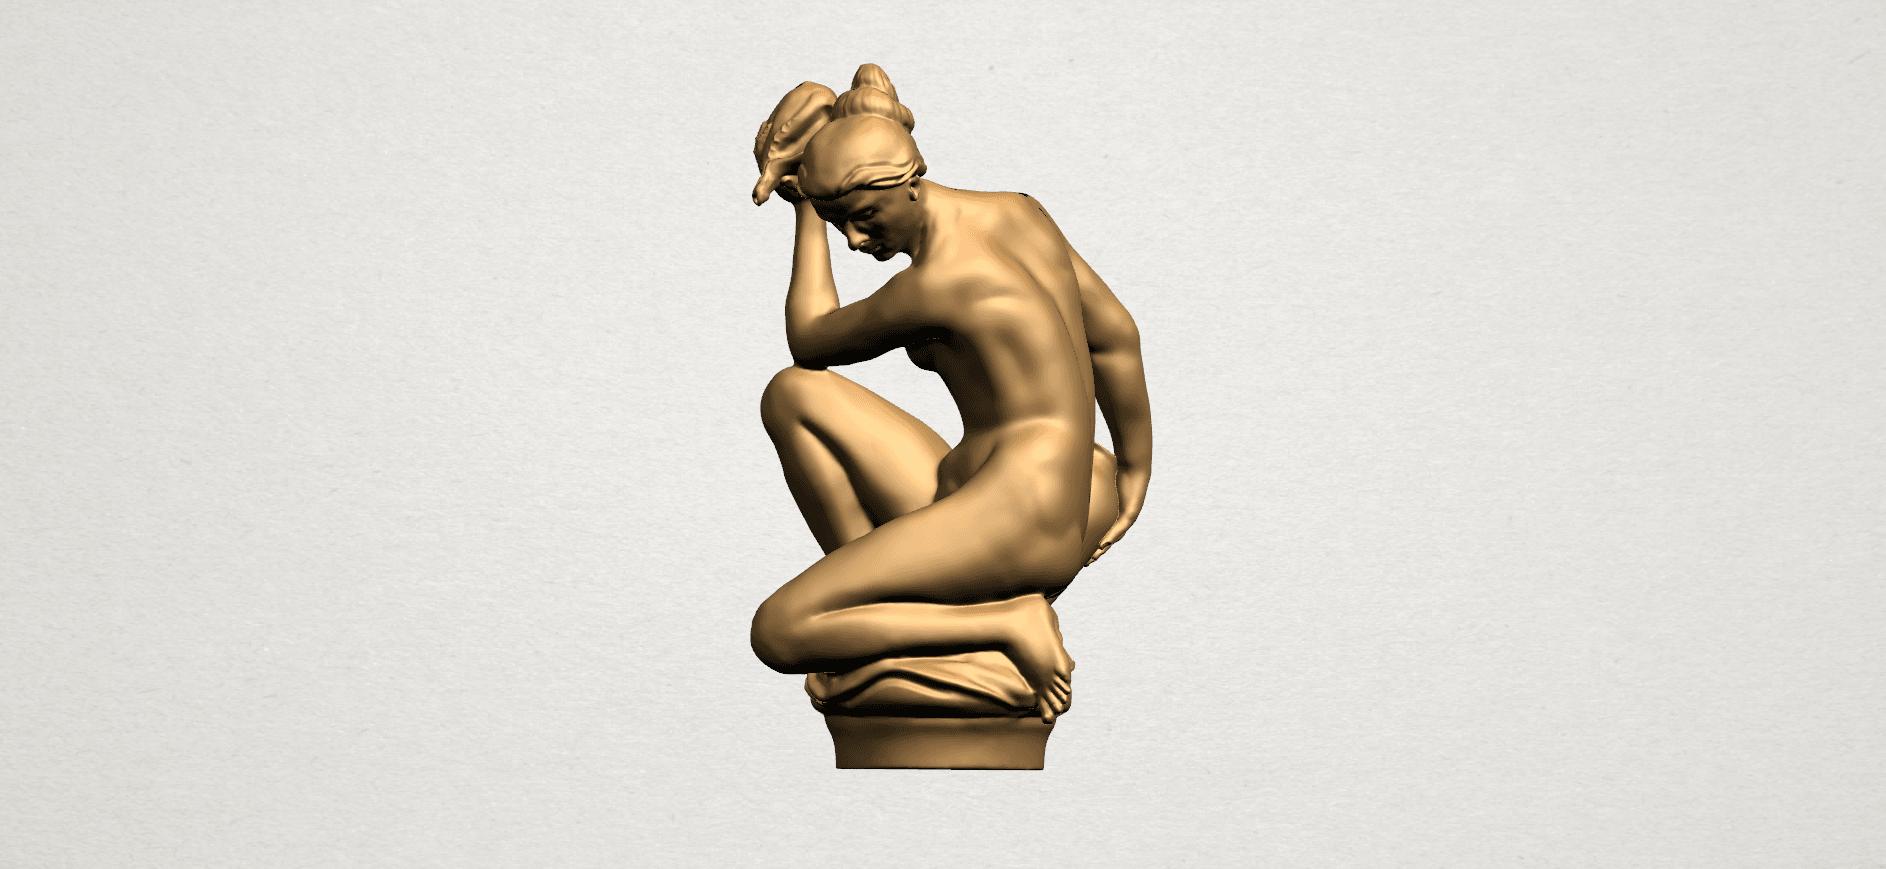 Naked Girl - With Pot - A04.png Télécharger fichier STL gratuit Fille Nue - Avec Pot • Modèle à imprimer en 3D, GeorgesNikkei